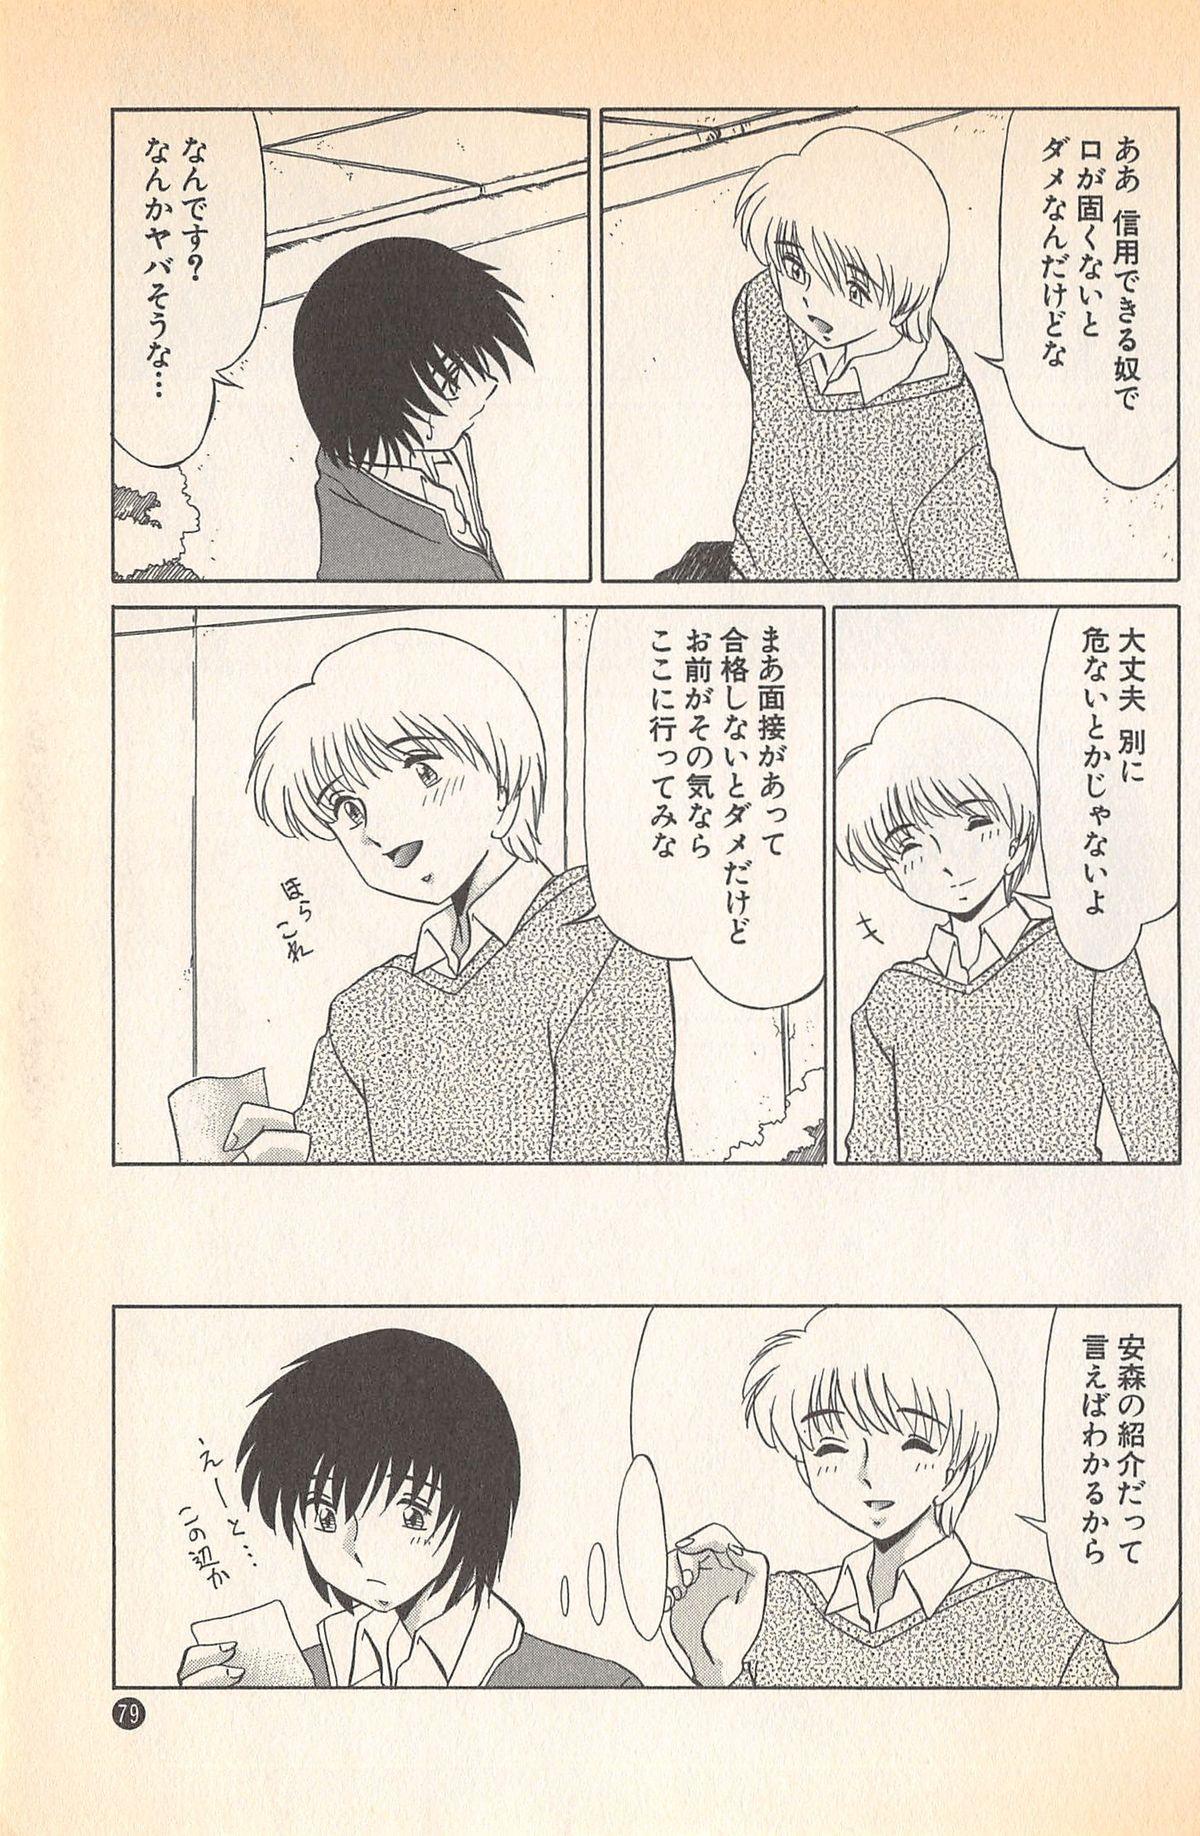 Doki Doki no Shikumi 80